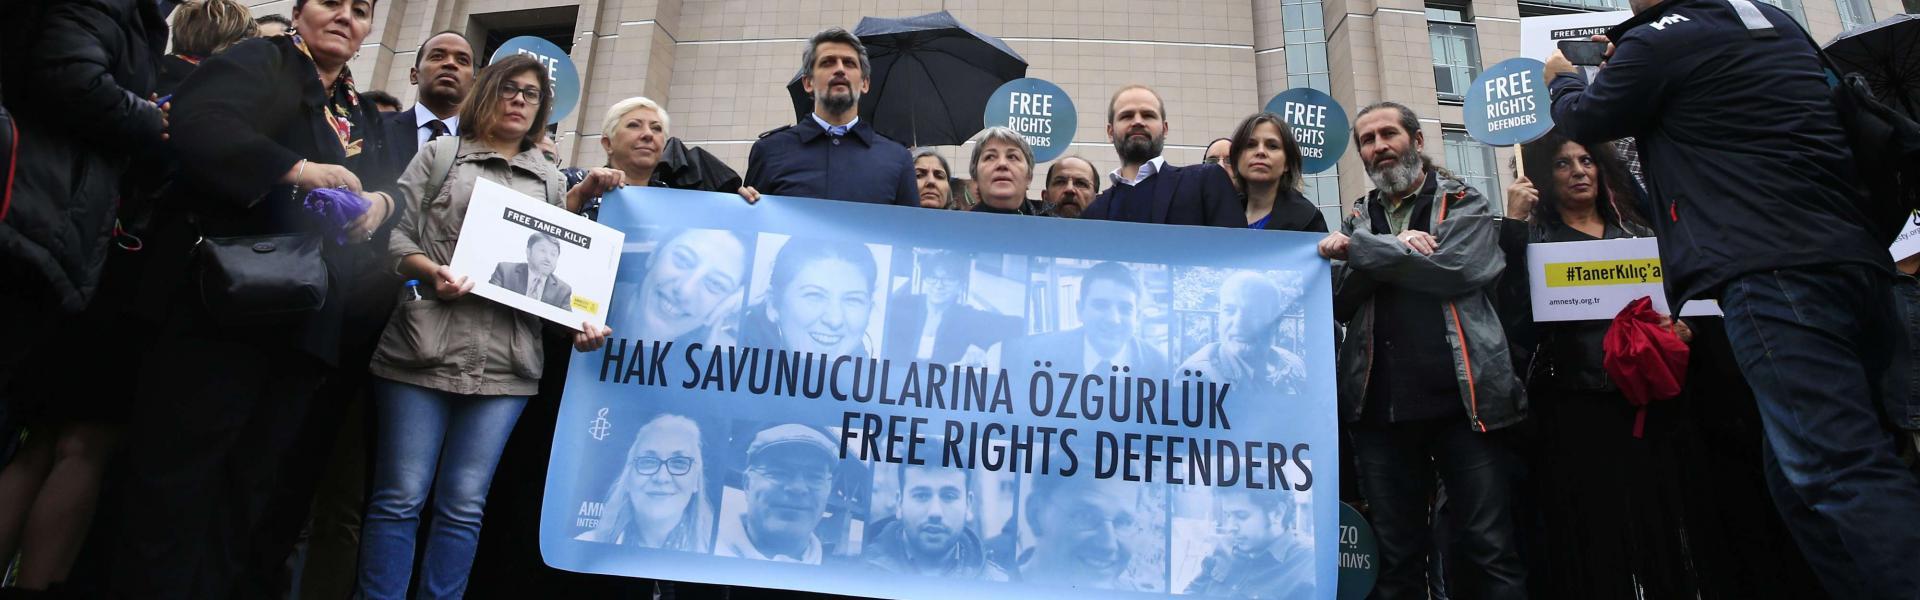 احتجاجات دولية ضد حملة الاعتقالات التركية